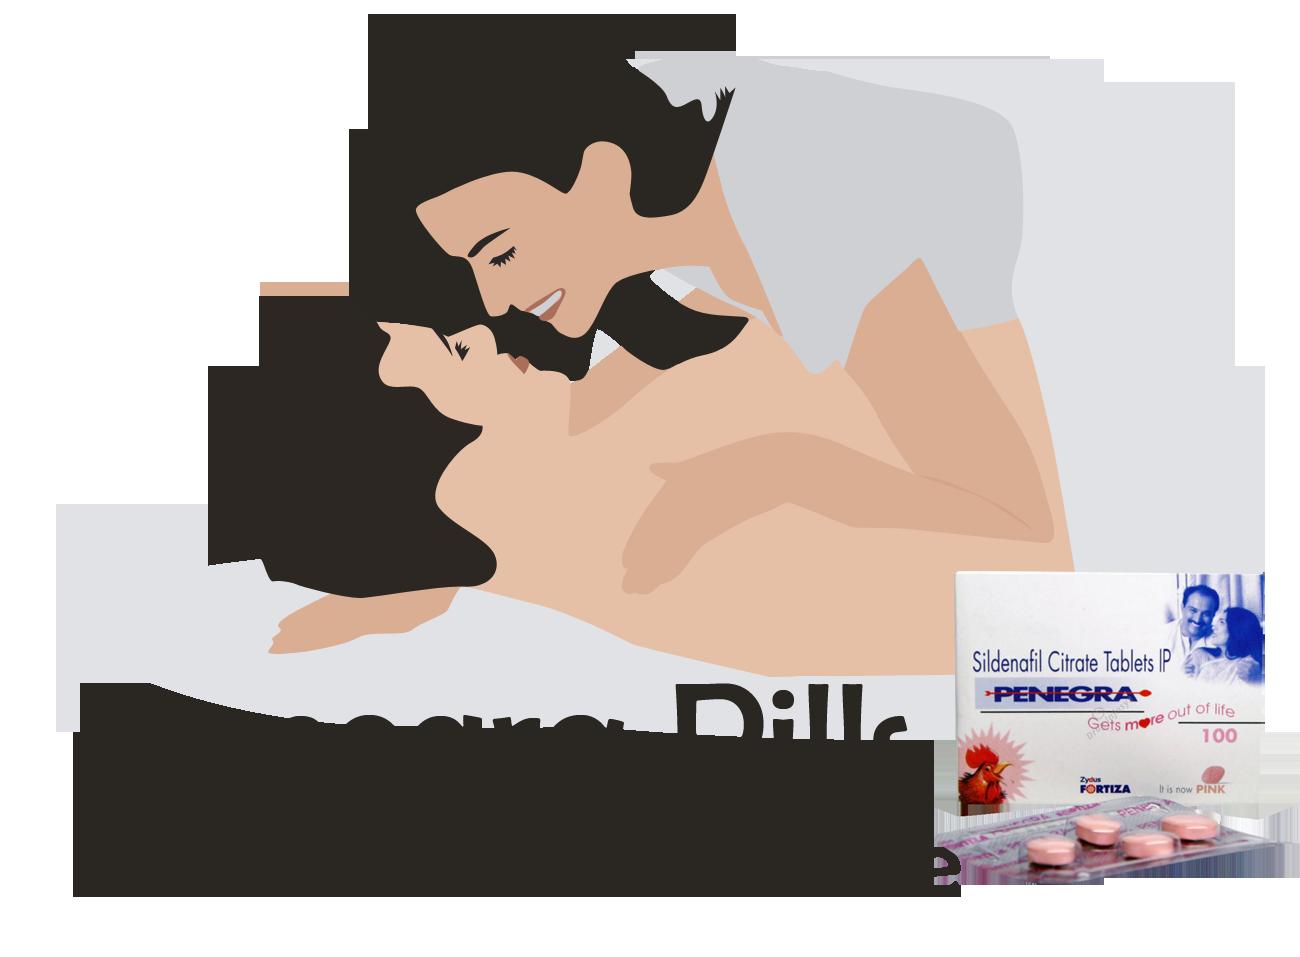 hydrochlorothiazide during pregnancy effects